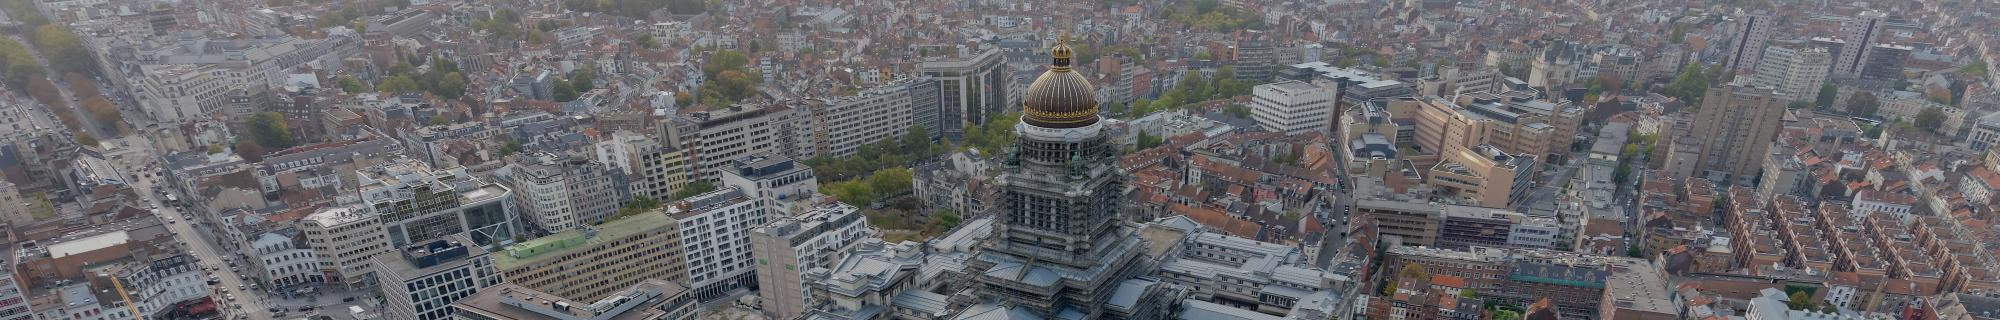 Historique du Palais de Justice de Bruxelles